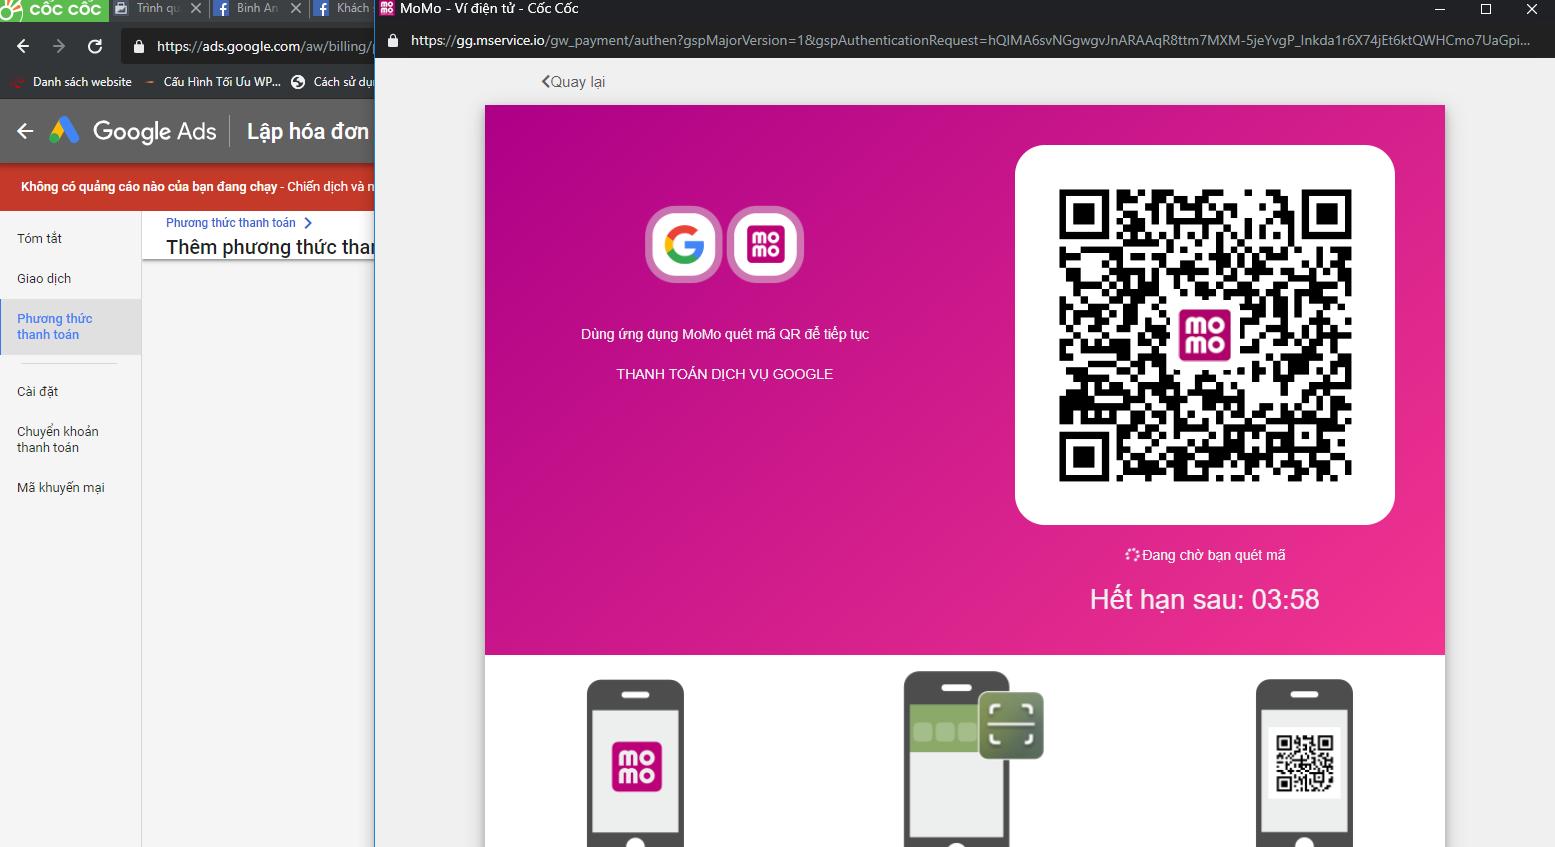 Hướng dẫn thanh toán google ads bằng ví Momo